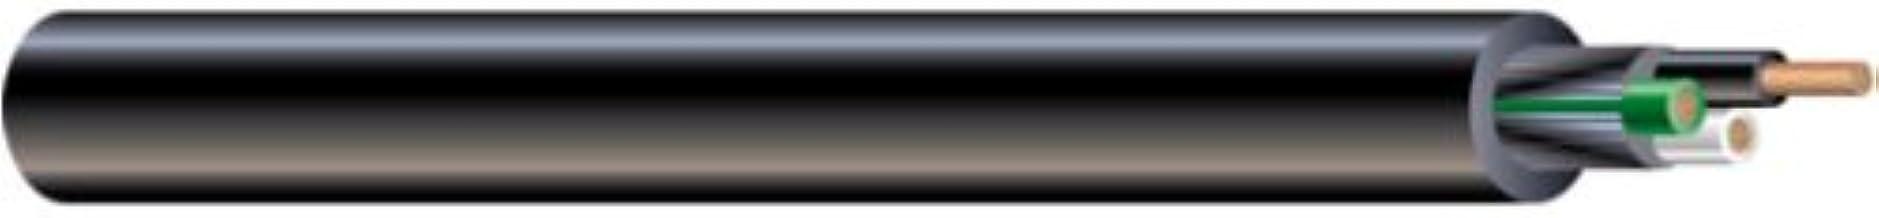 Southwire 55039621 300 Volt 25-Feet 16-Gauge 3 Conductor 12/3 Quantum TPE SJEOOW Portable Flexible Power Cord, Black